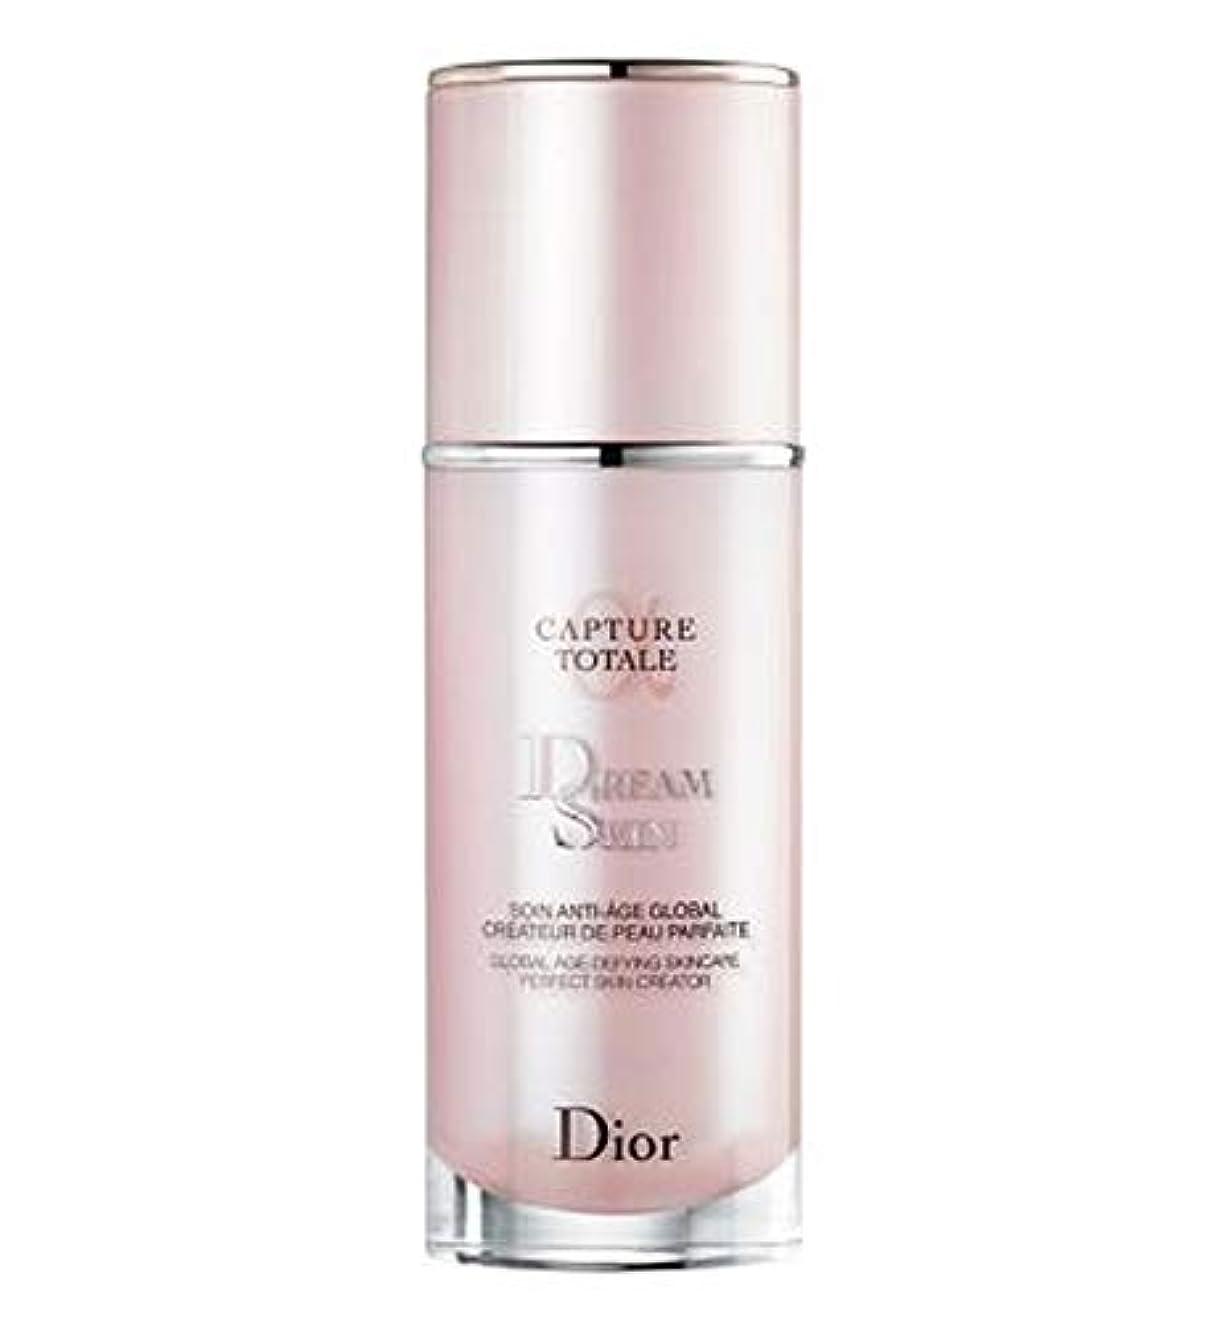 爬虫類竜巻頂点[Dior] グローバル時代挑むスキンケア完璧な肌クリエータ50ミリリットルDreamskinディオールカプチュールR60 - Dior Capture Totale Dreamskin Global Age-Defying...